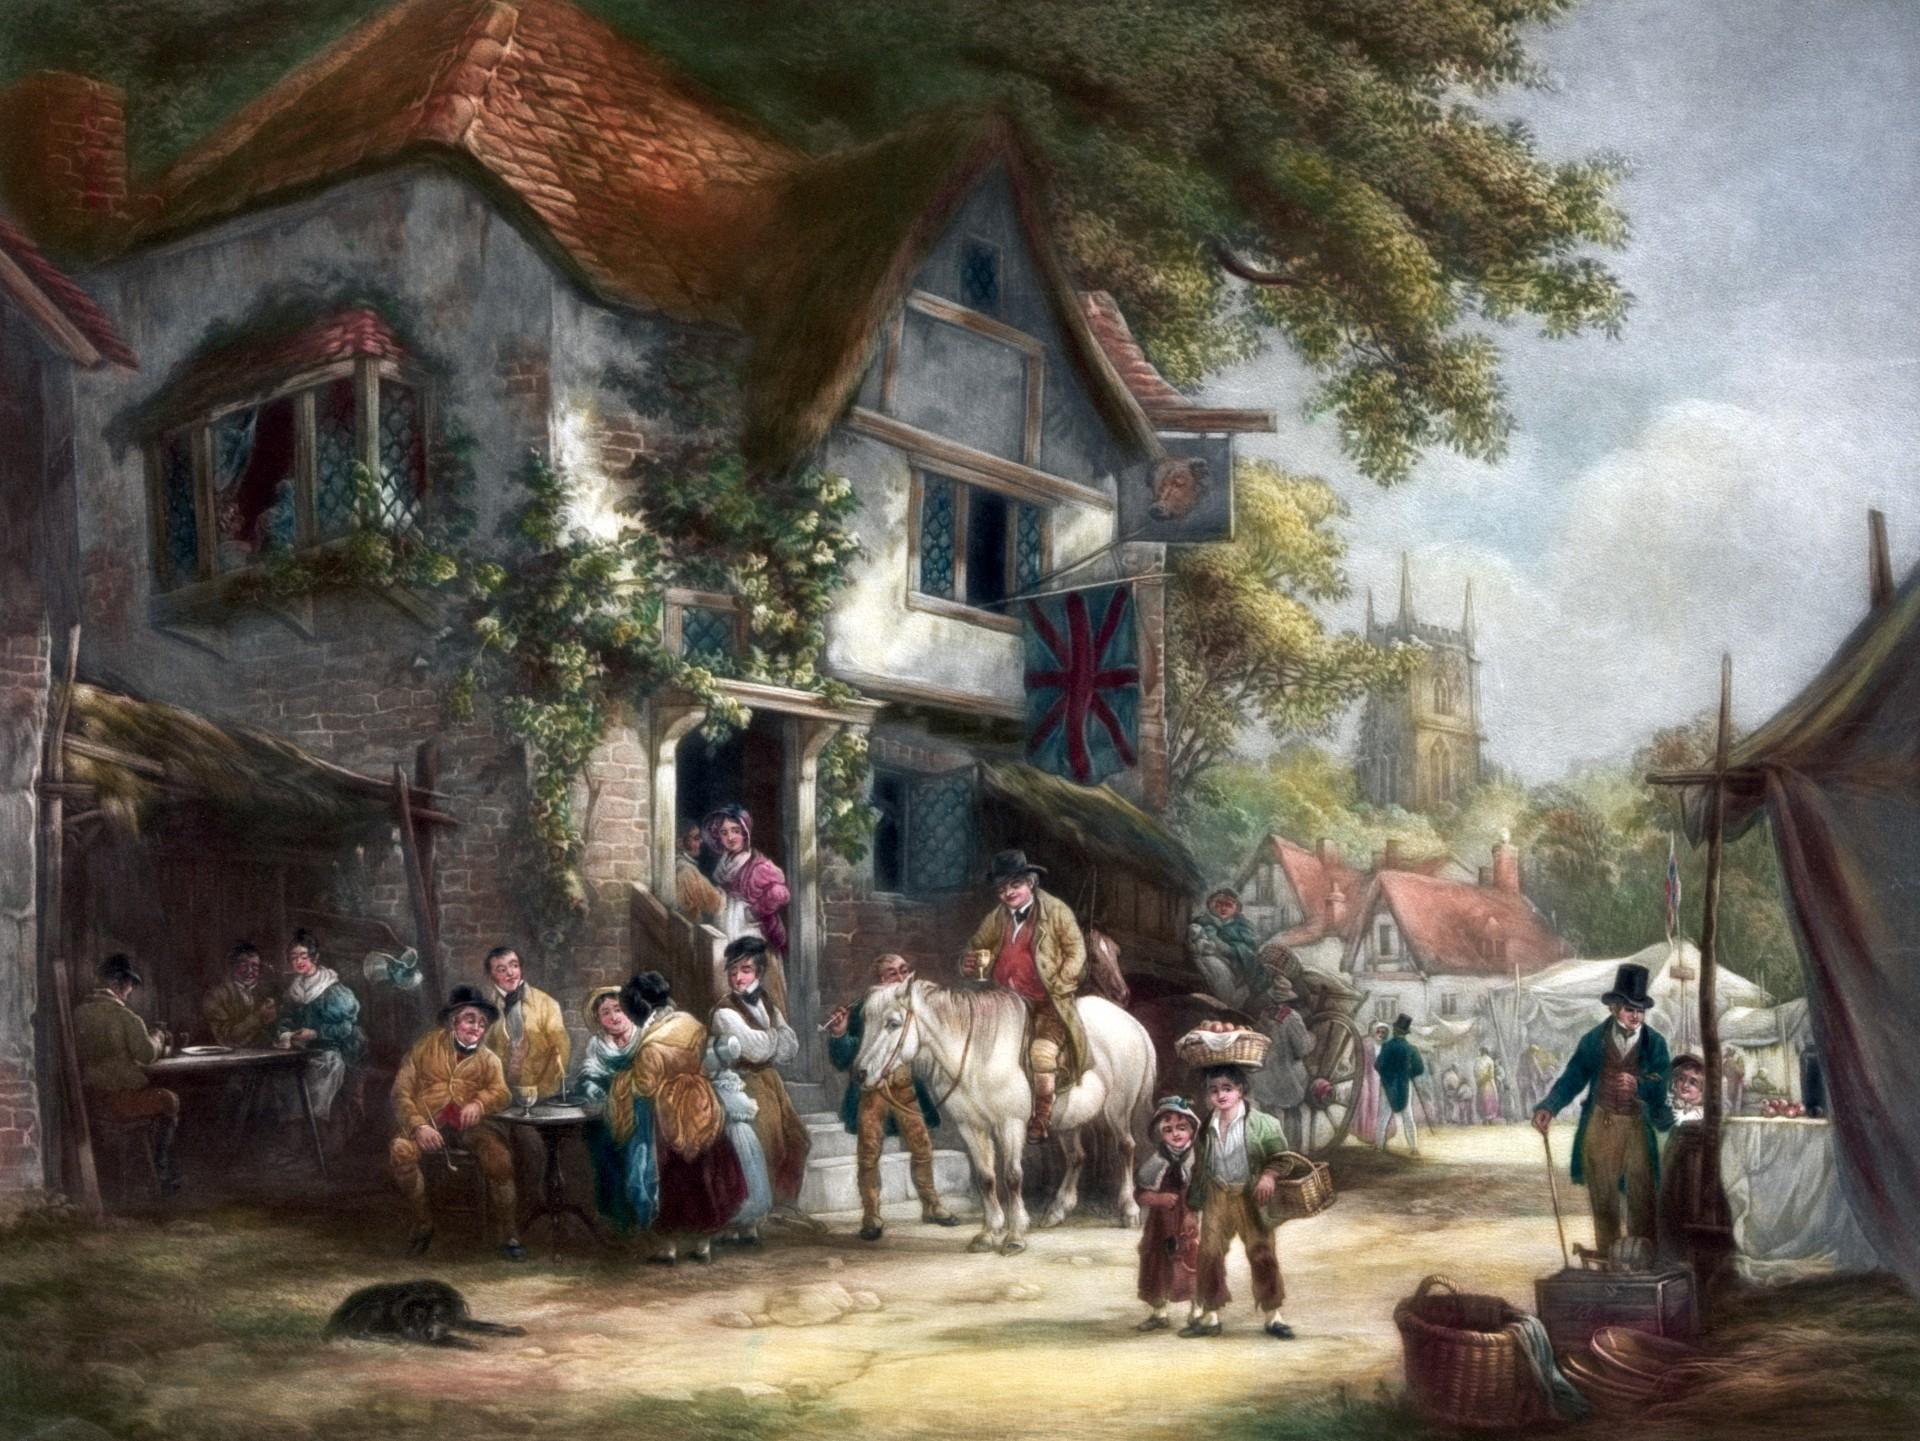 An idyllic fashioned village.